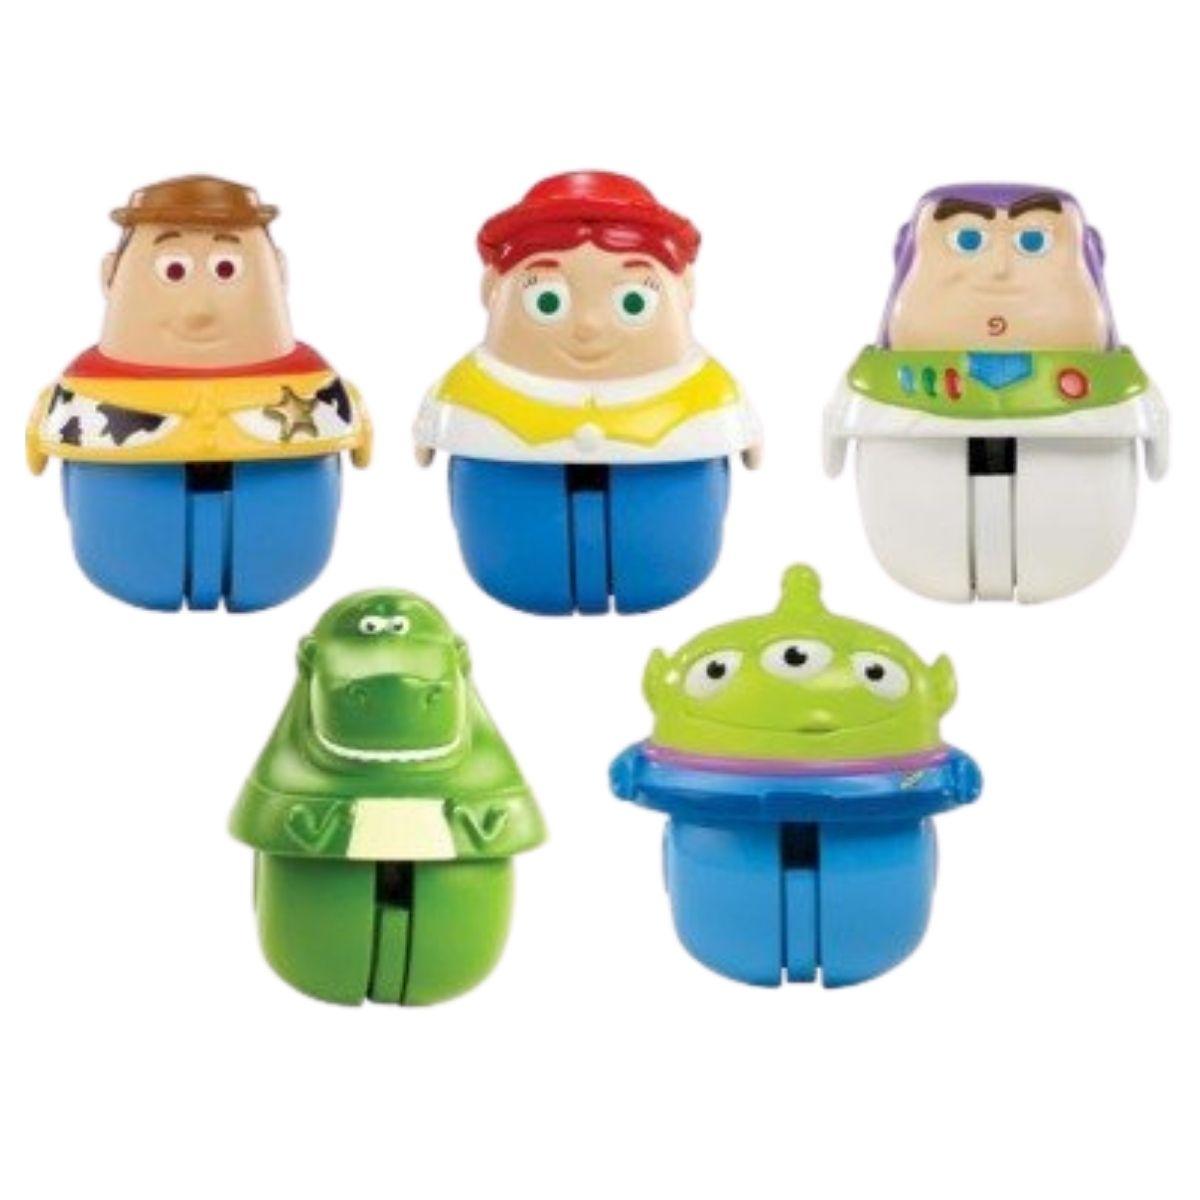 Boneco Toy Story com 2 unidades brinquedo Jessie & Trixie  - Game Land Brinquedos